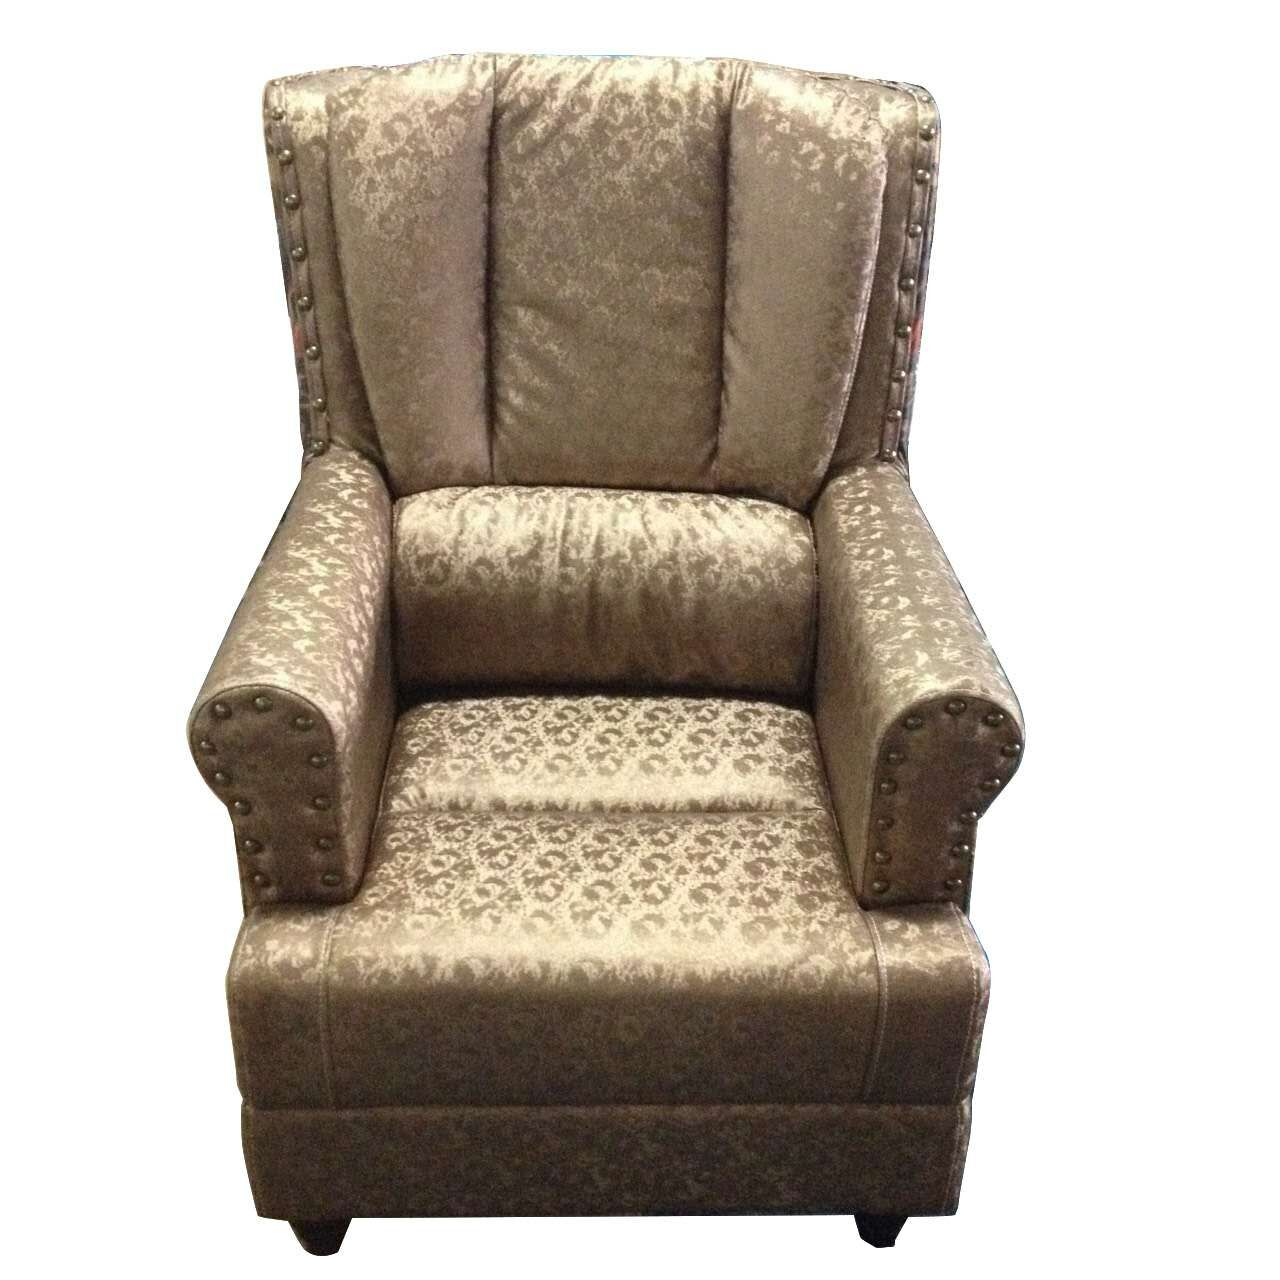 高档网咖椅